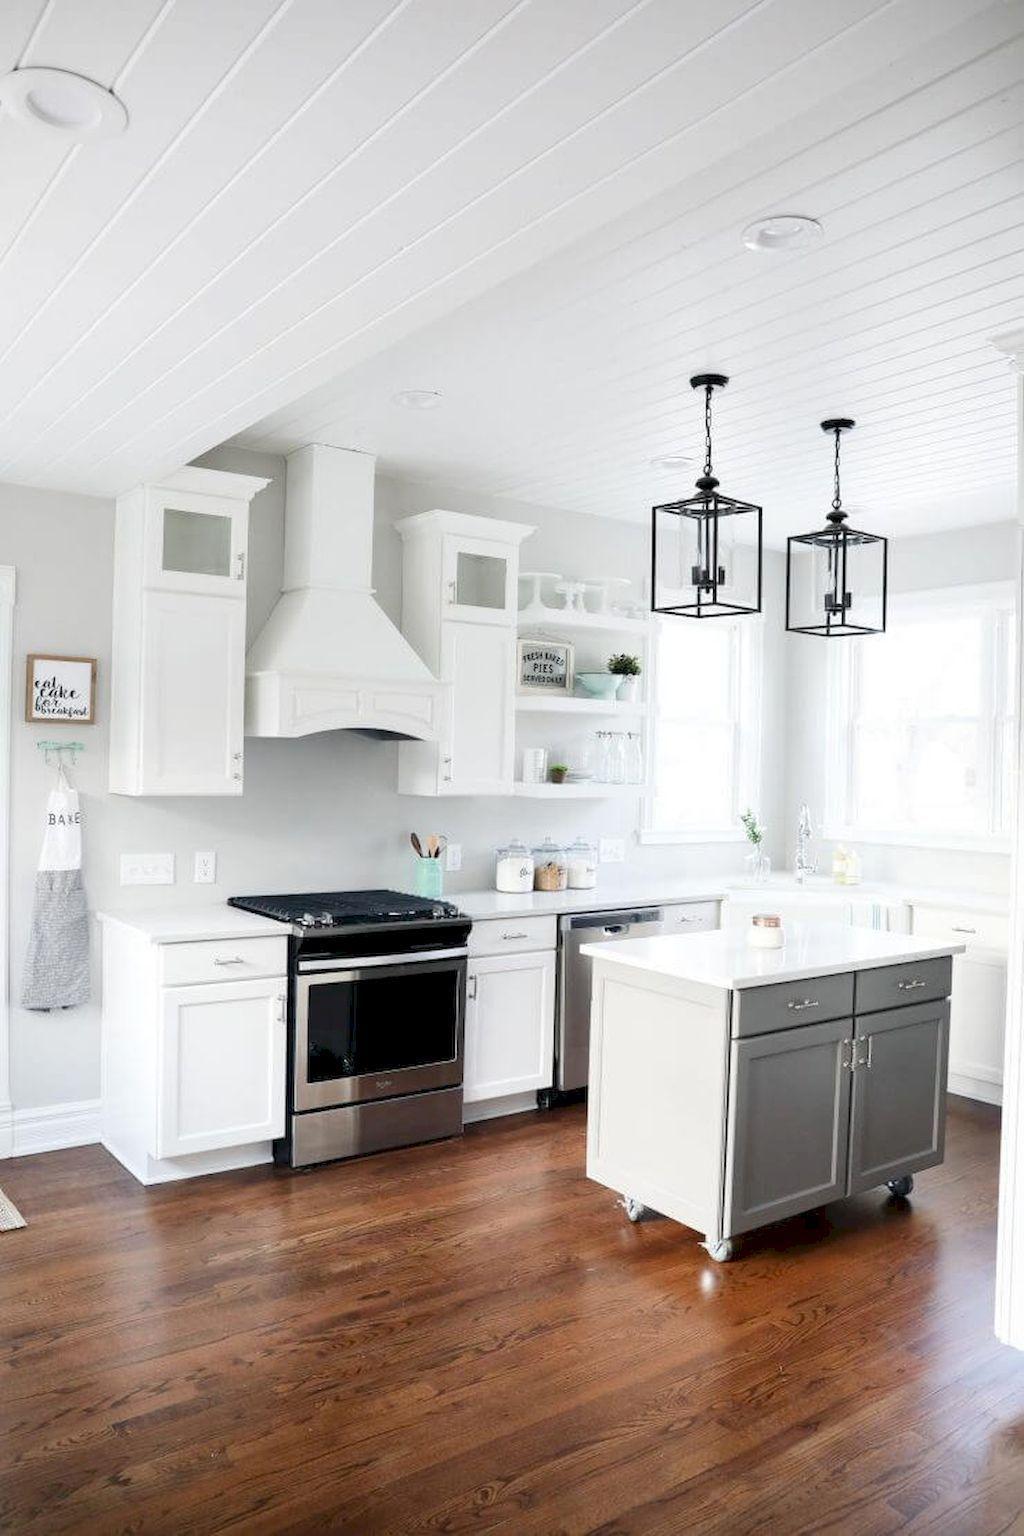 76 elegant gray kitchen cabinet makeover for farmhouse decor ideas modern farmhouse kitchens on farmhouse kitchen grey cabinets id=45035